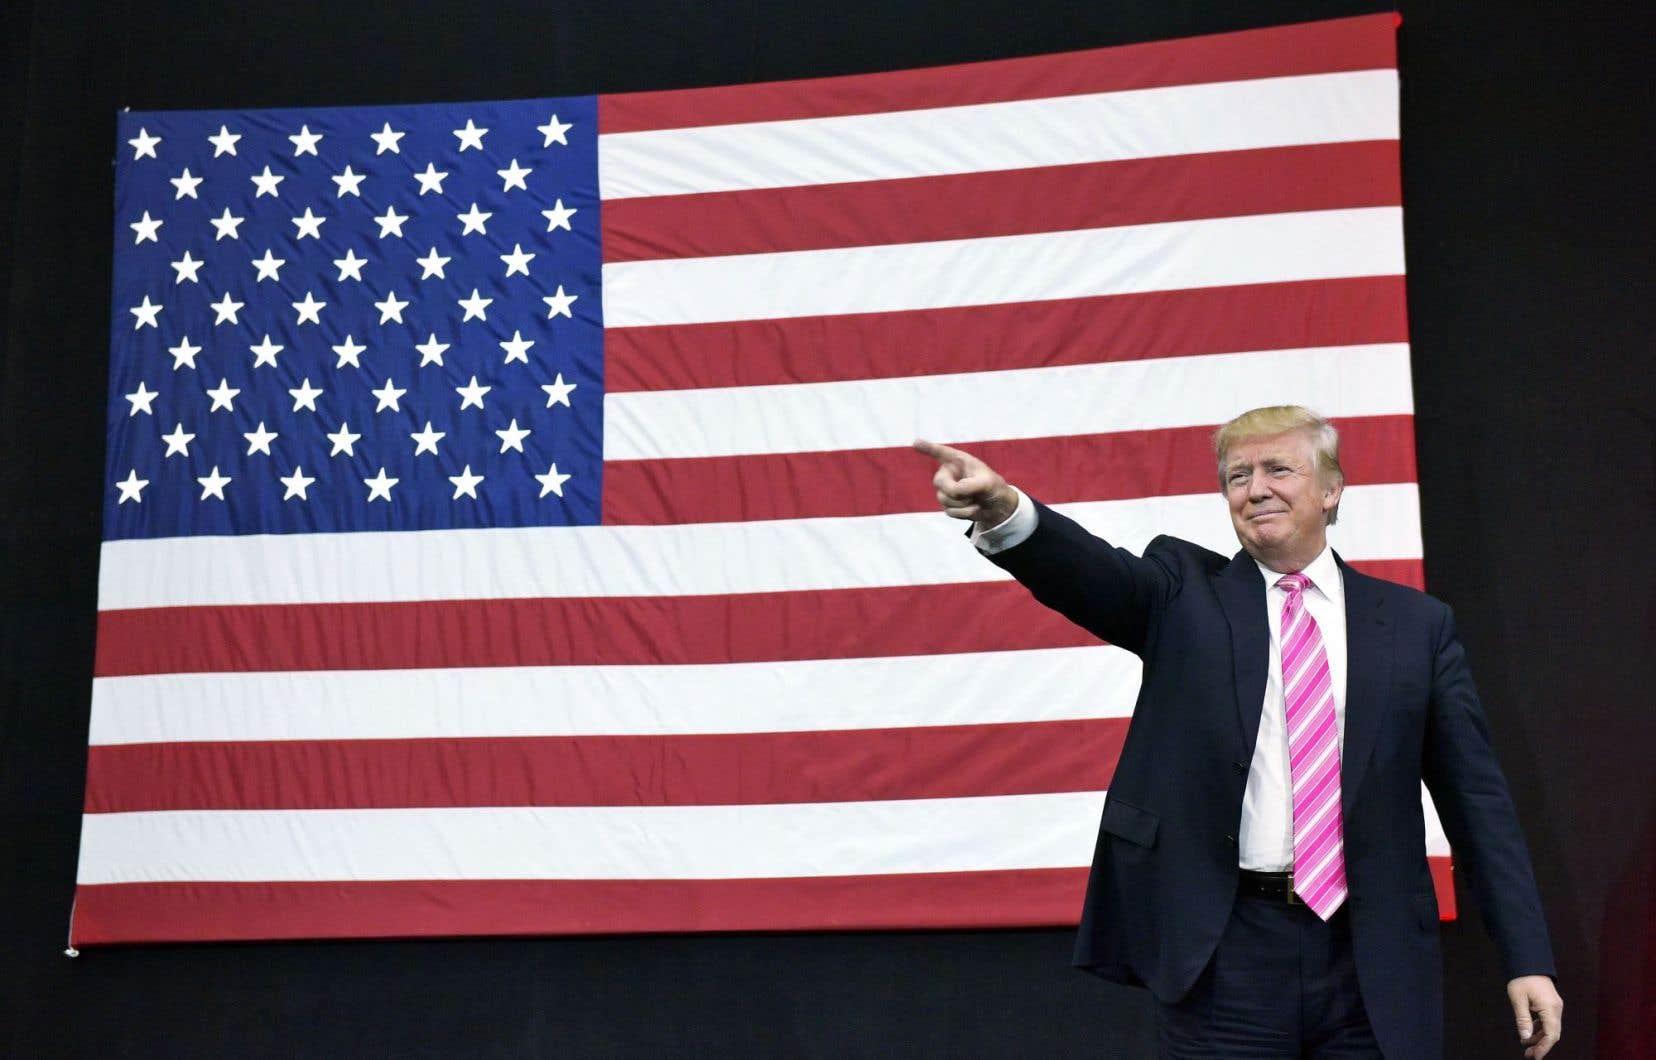 Le coûteux programme de Donald Trump risque de gonfler la dette américaine, estiment les économistes.